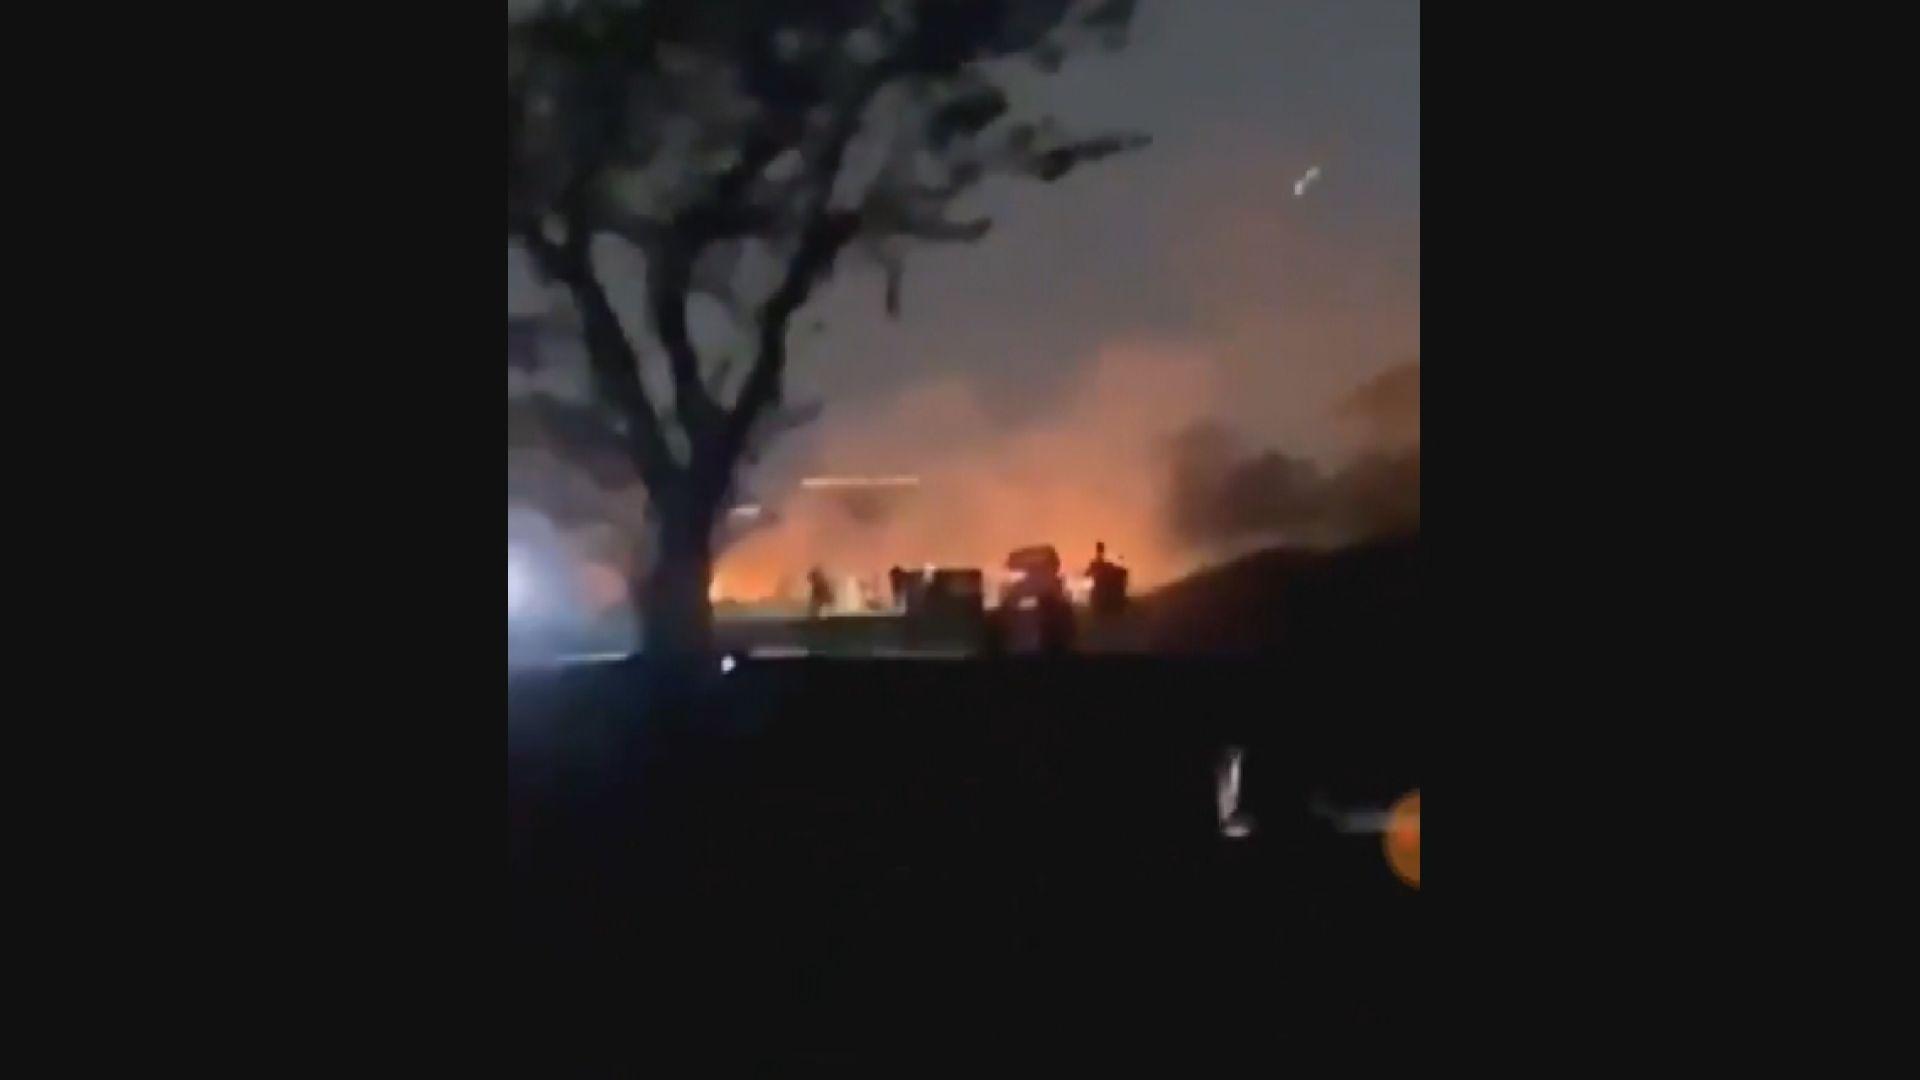 【緬甸局勢】曼德勒居民拍攝到軍方車輛行駛時疑有人開槍